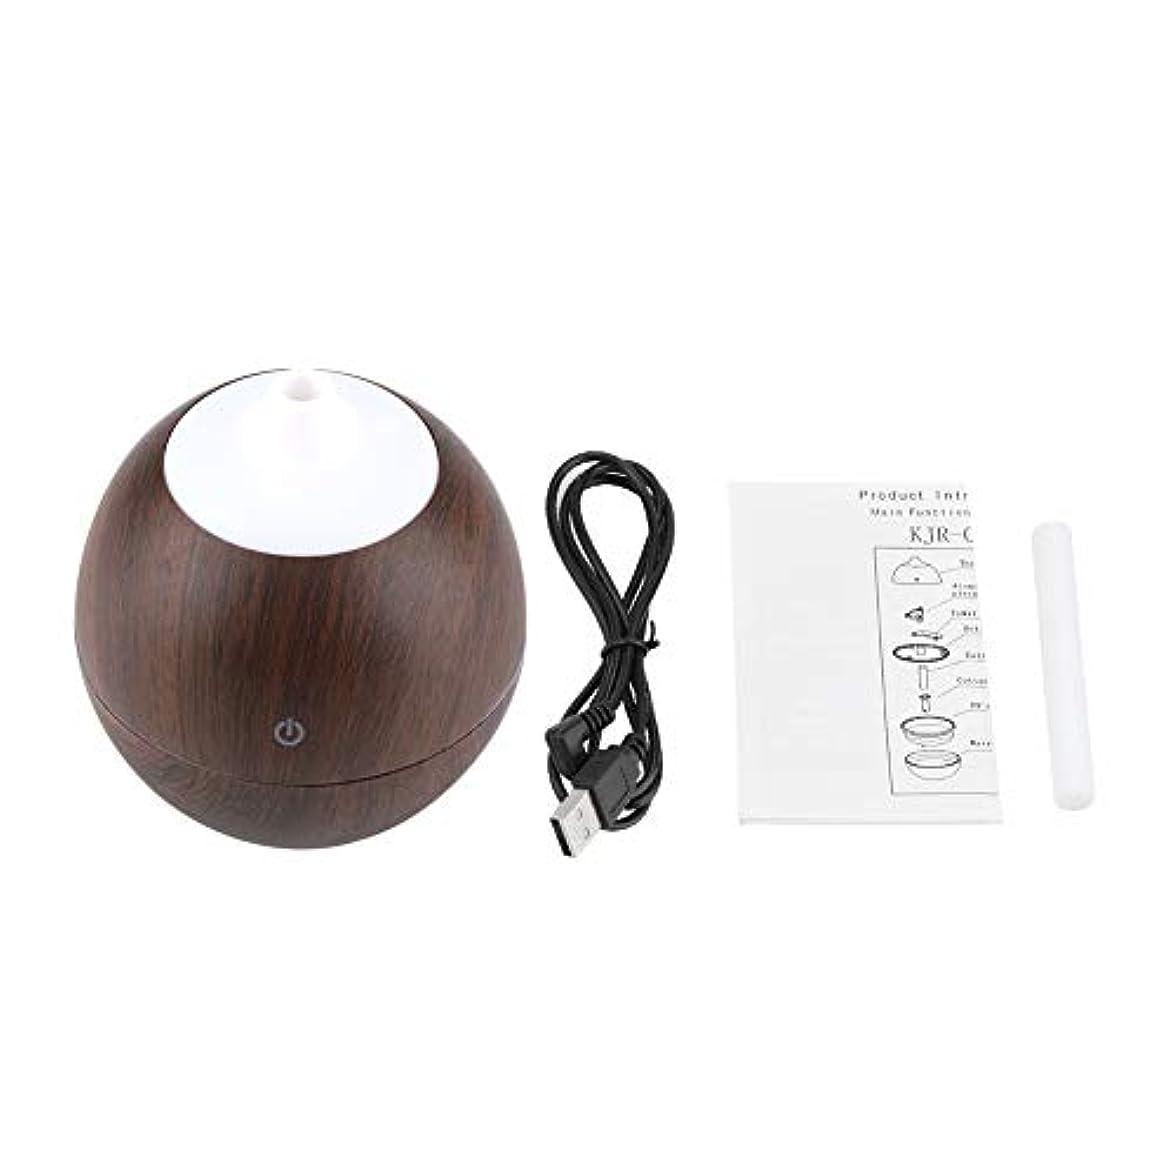 ヘロイン王室達成USB加湿器、130ml木製穀物多機能アロマセラピー加湿器アロマディフューザー、常夜灯(ダークウッド)